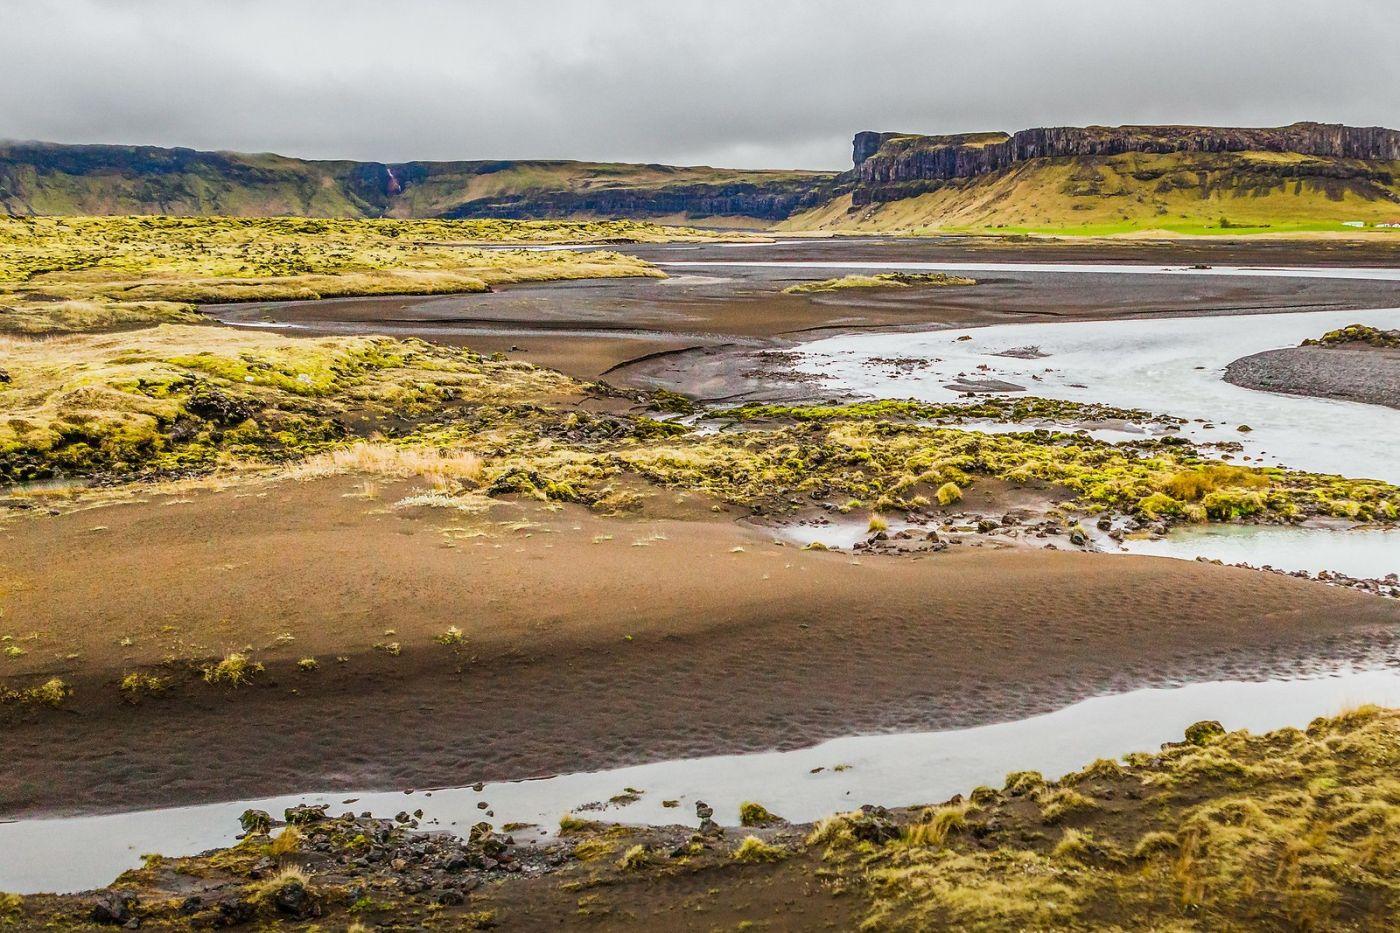 冰岛风采,那一片水景_图1-38